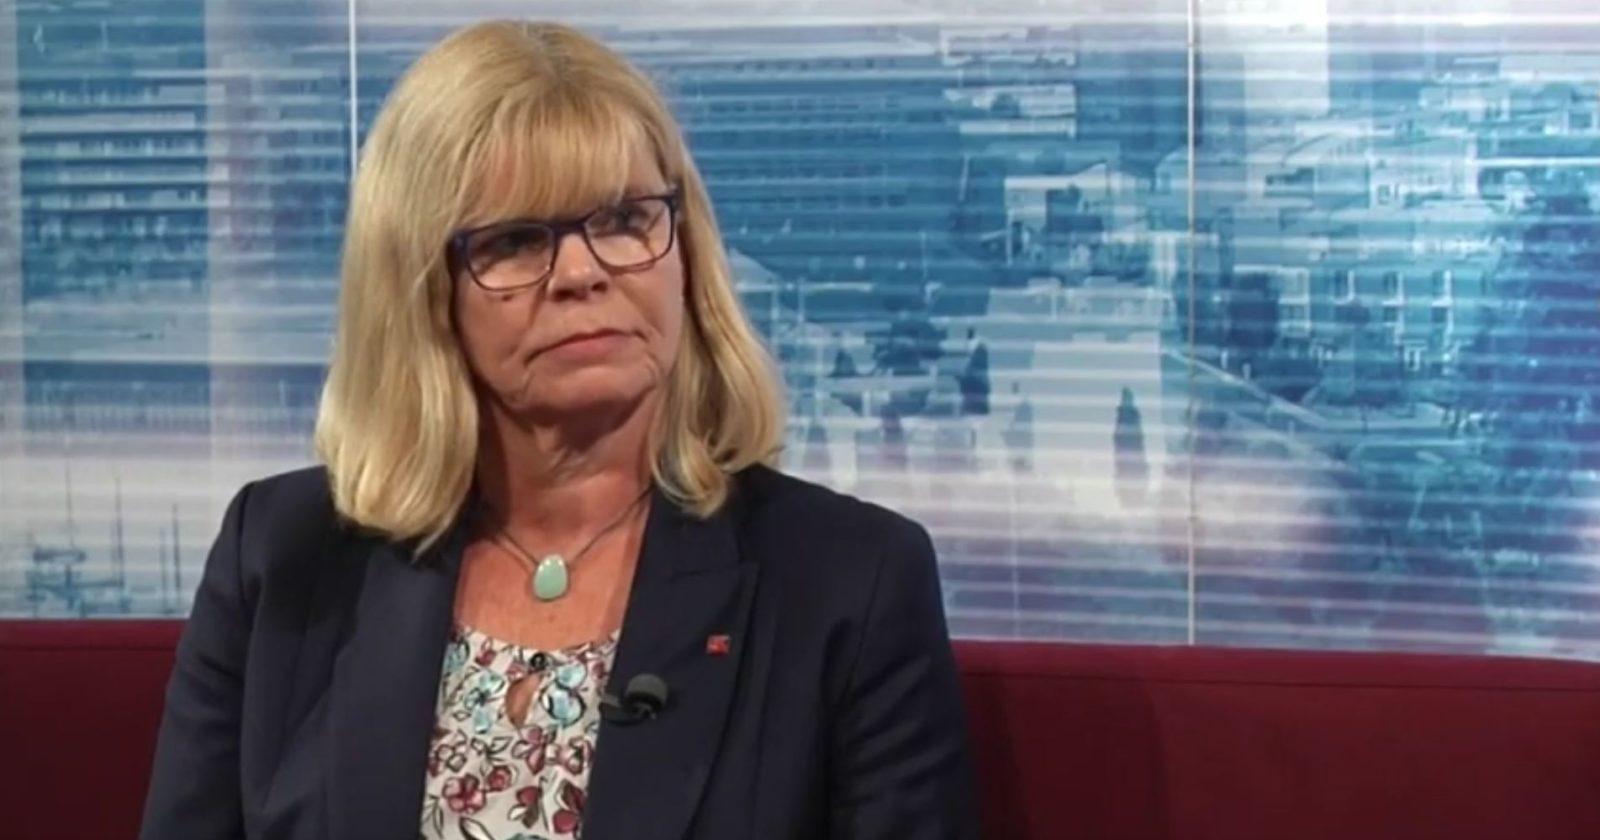 STUDIO 47 .live | Ulrike Laux über die derzeitige Situation im Gebäudereiniger-Handwerk